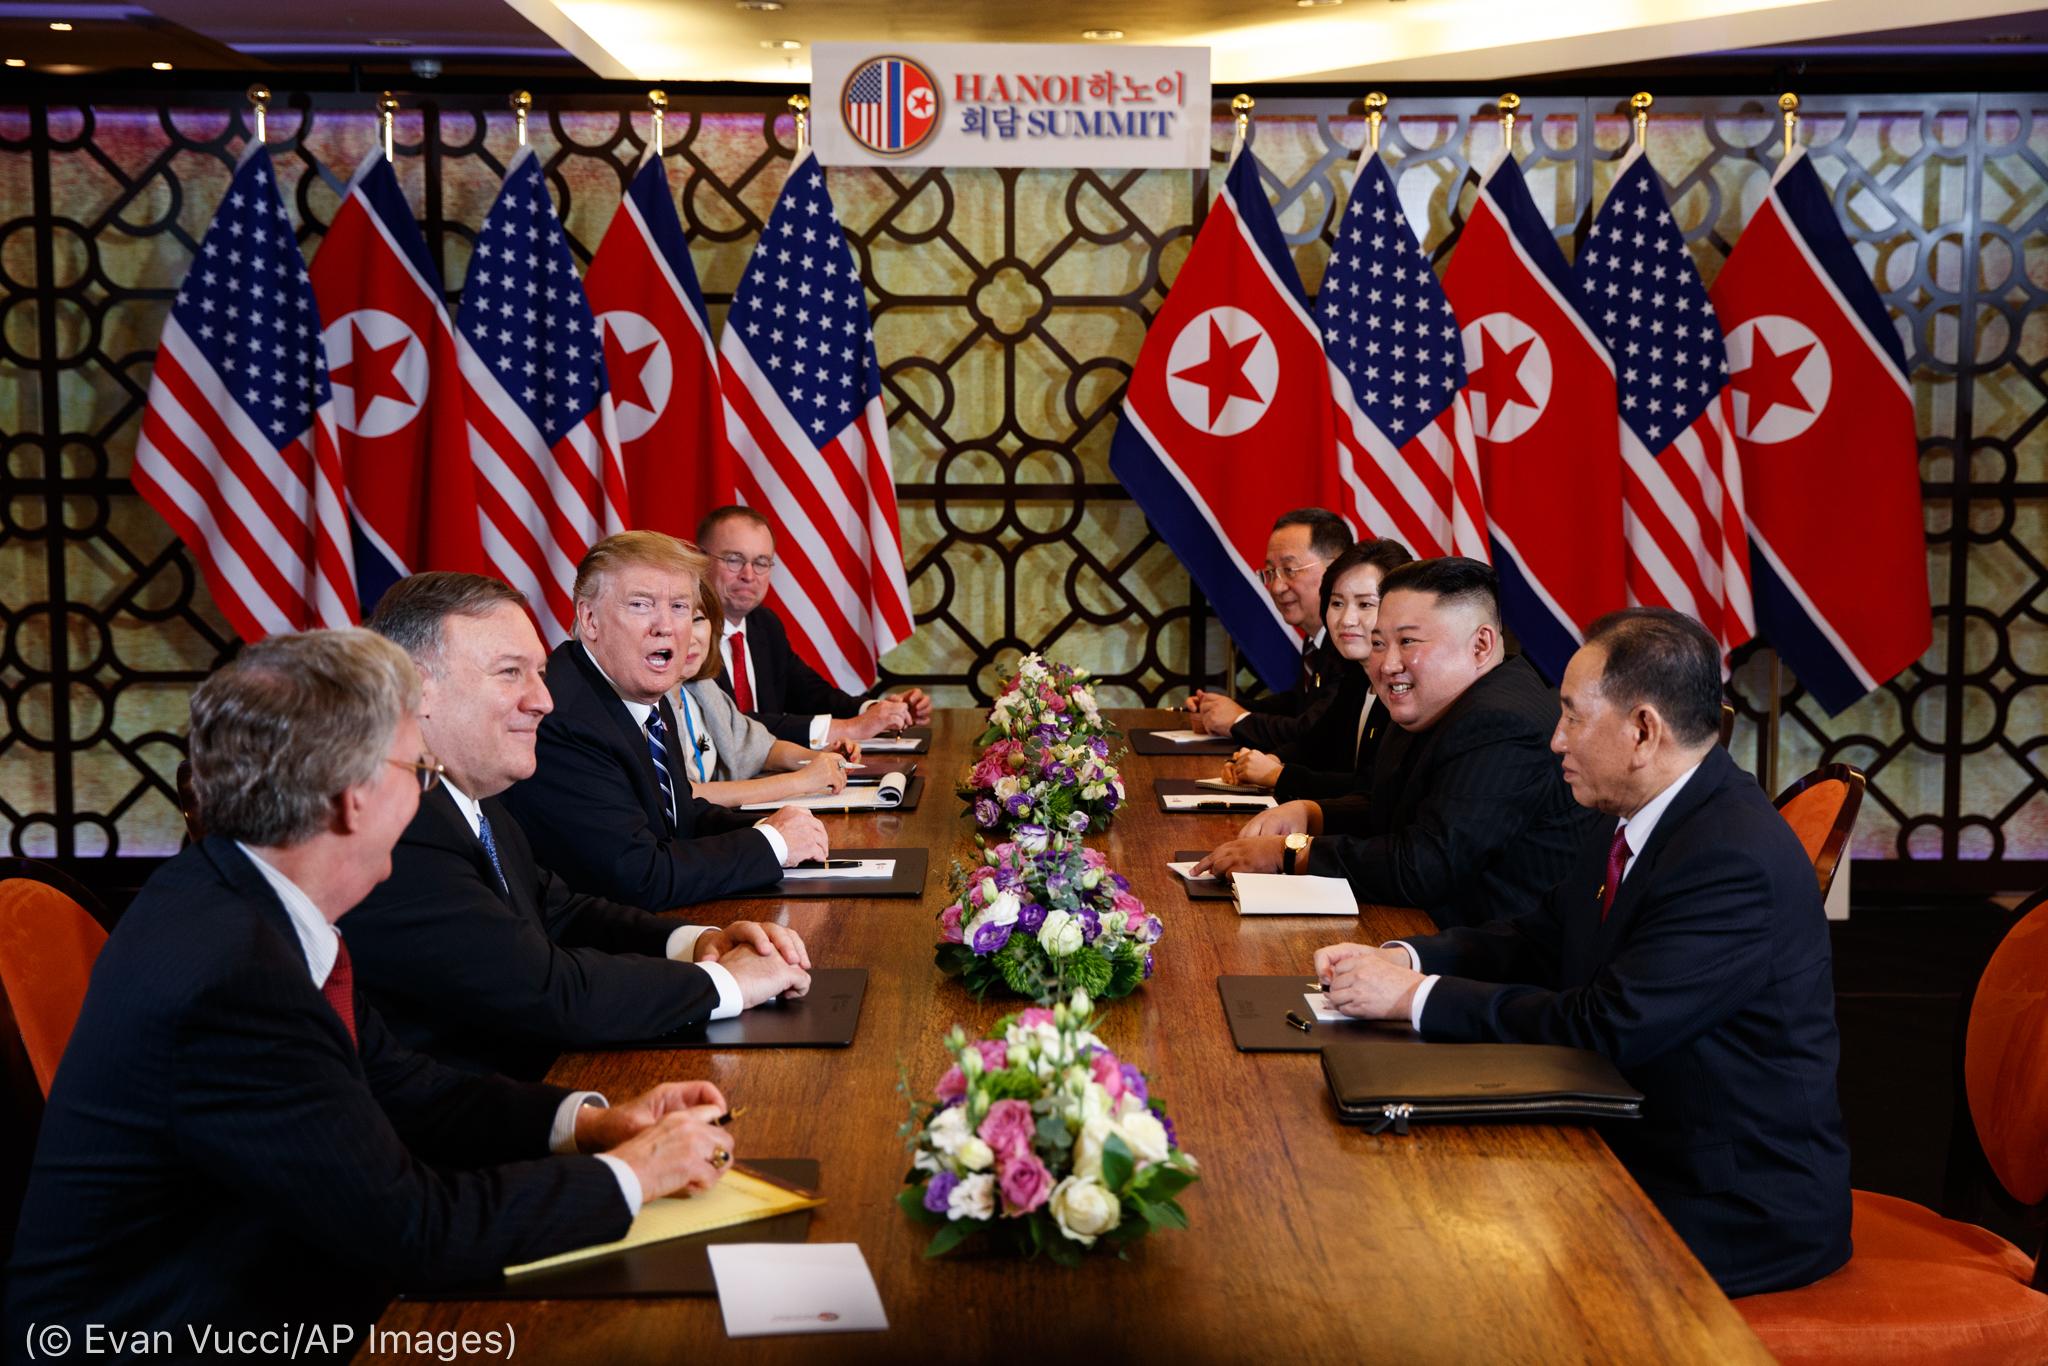 Autoridades governamentais sentadas à mesa (© Evan Vucci/AP Images)